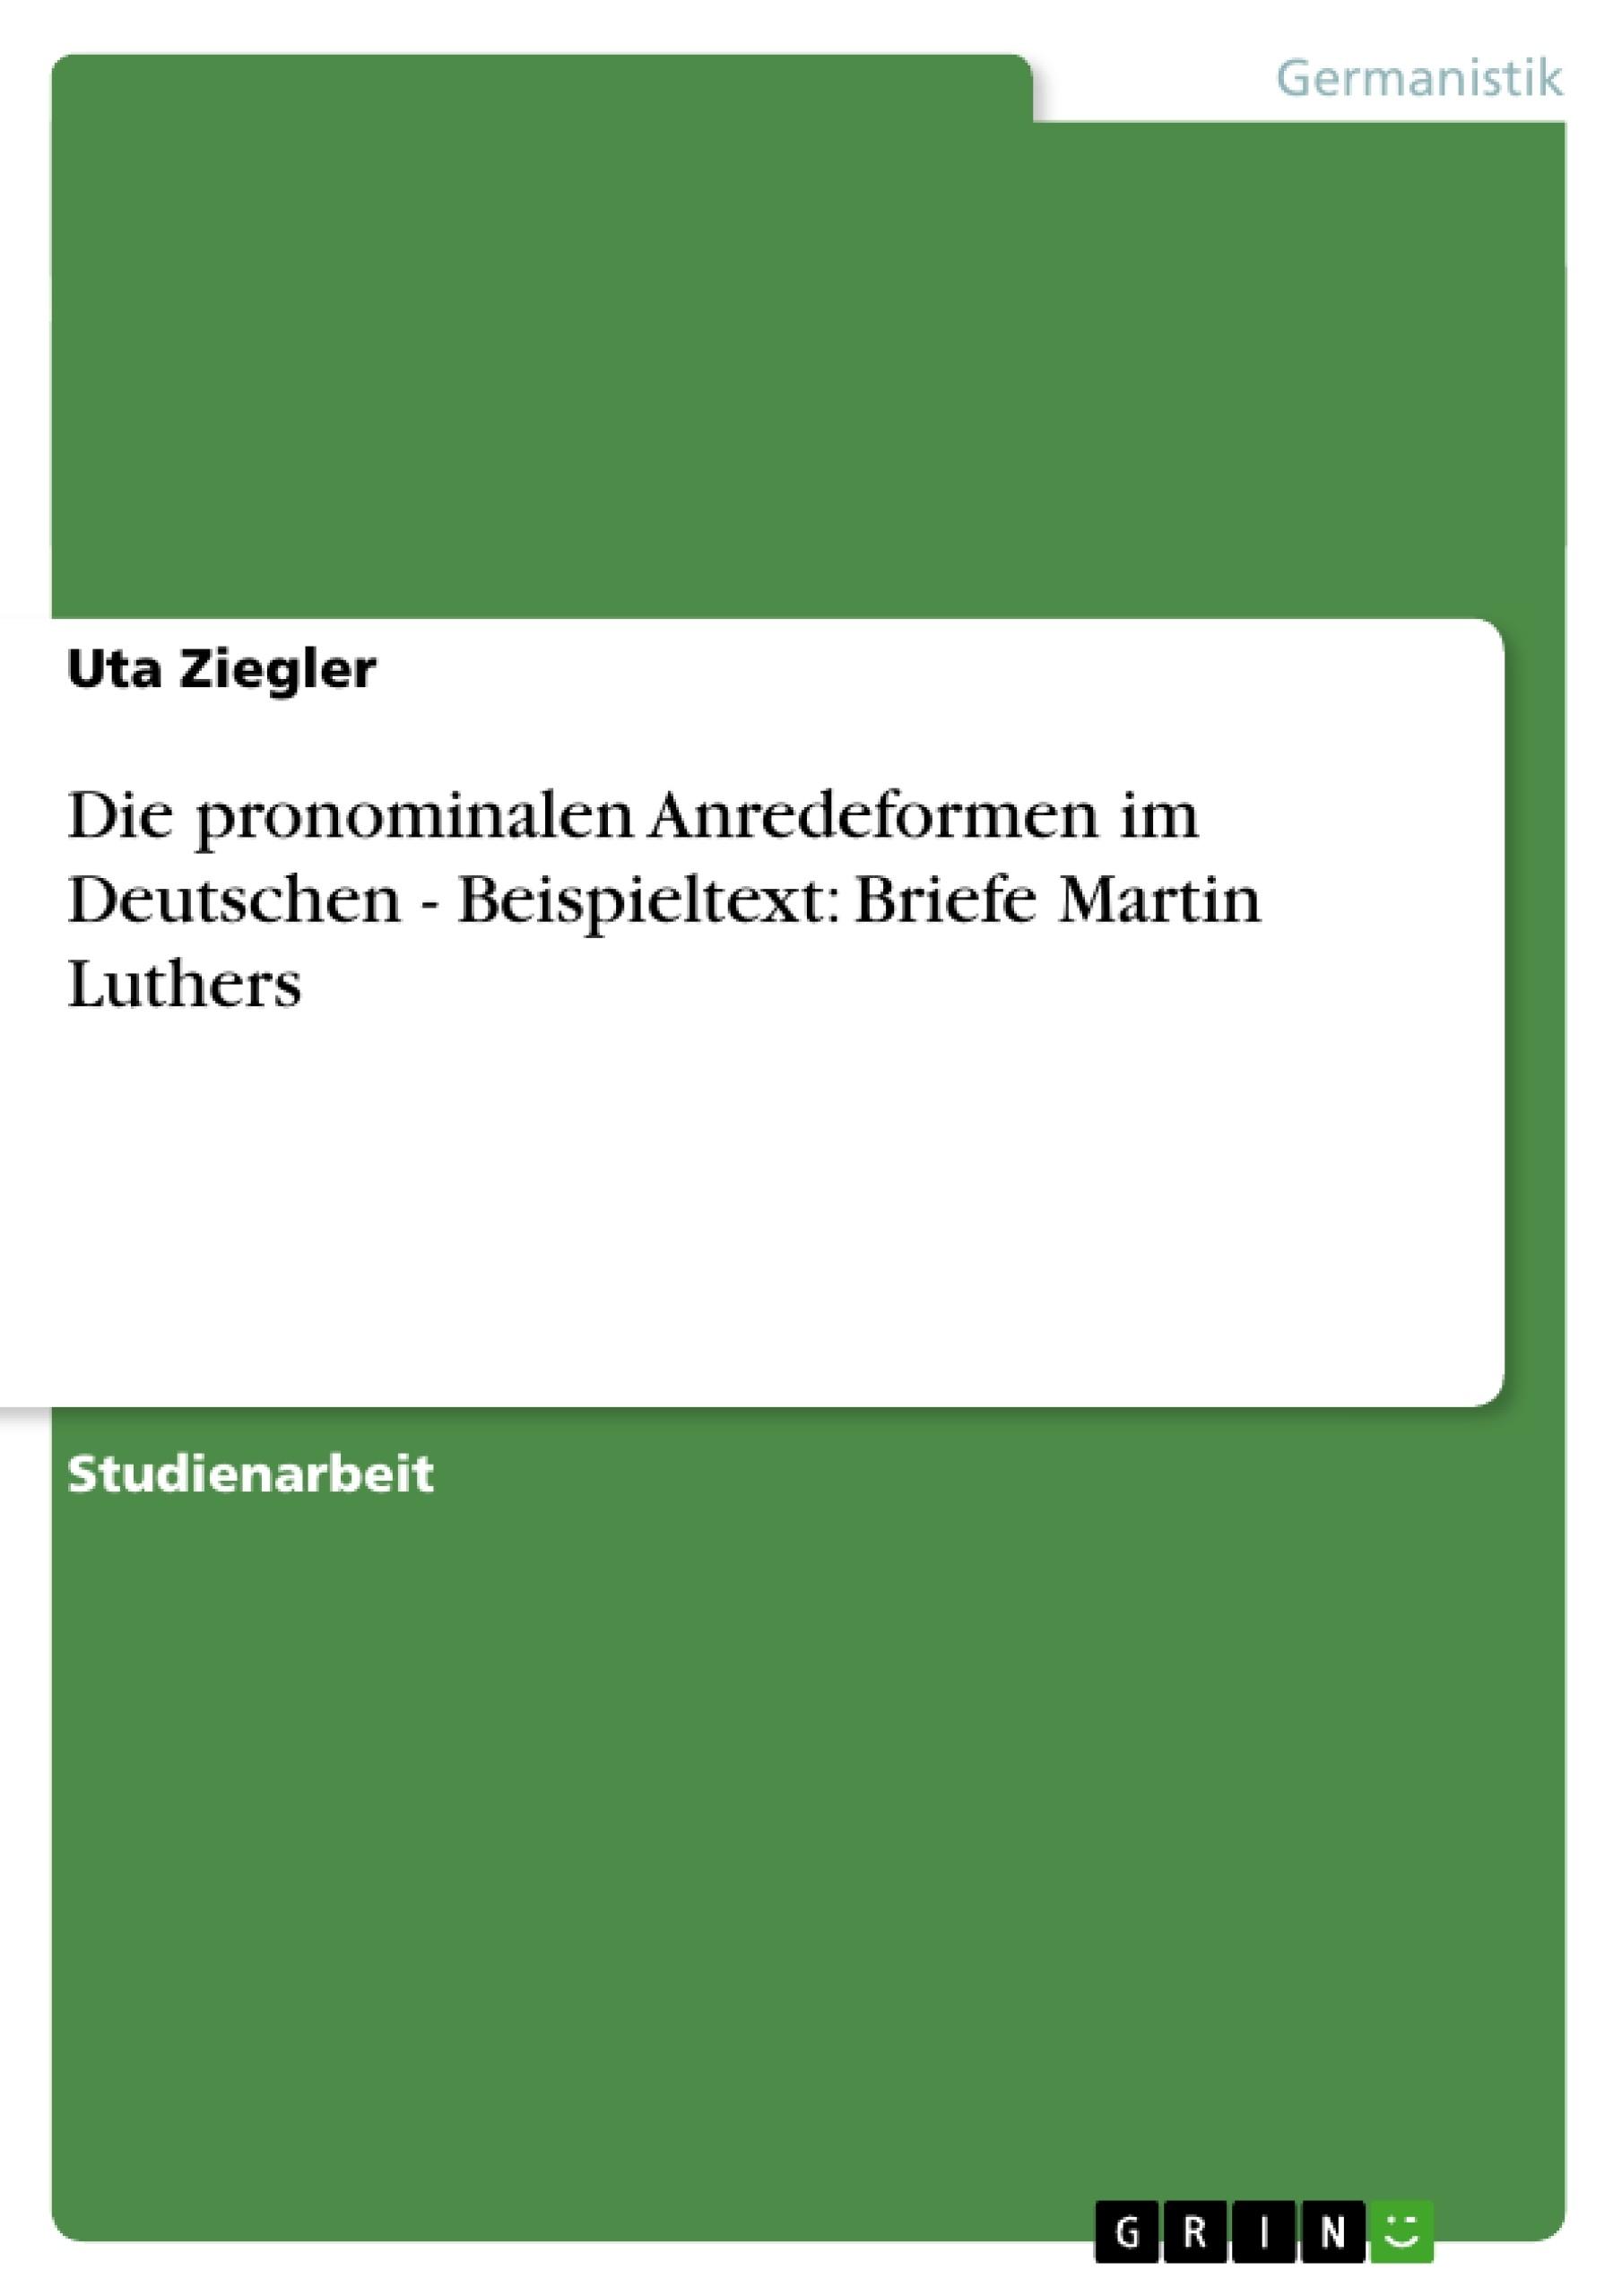 Titel: Die pronominalen Anredeformen im Deutschen - Beispieltext: Briefe Martin Luthers